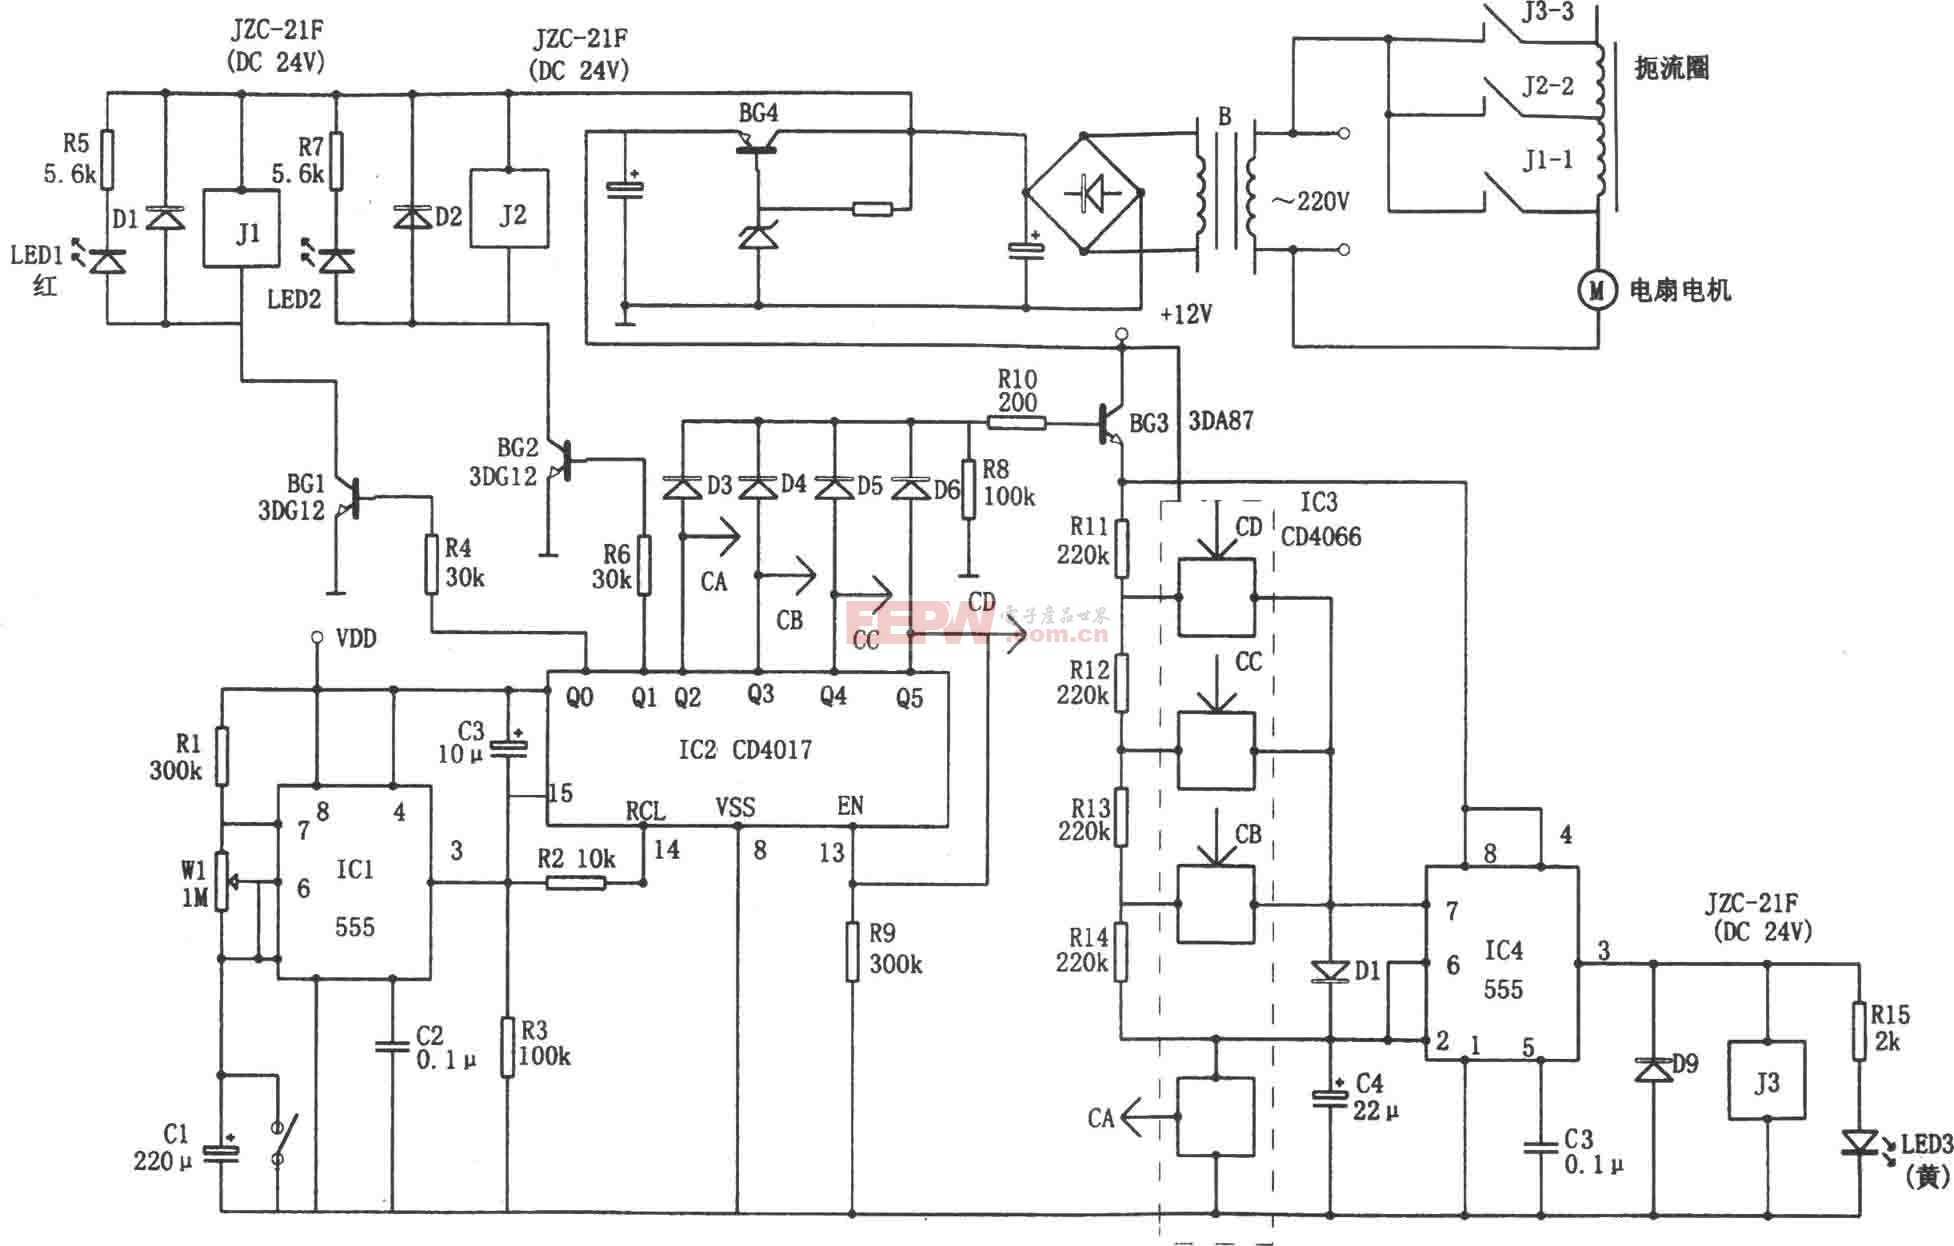 交流电焊机节电控制器电路图